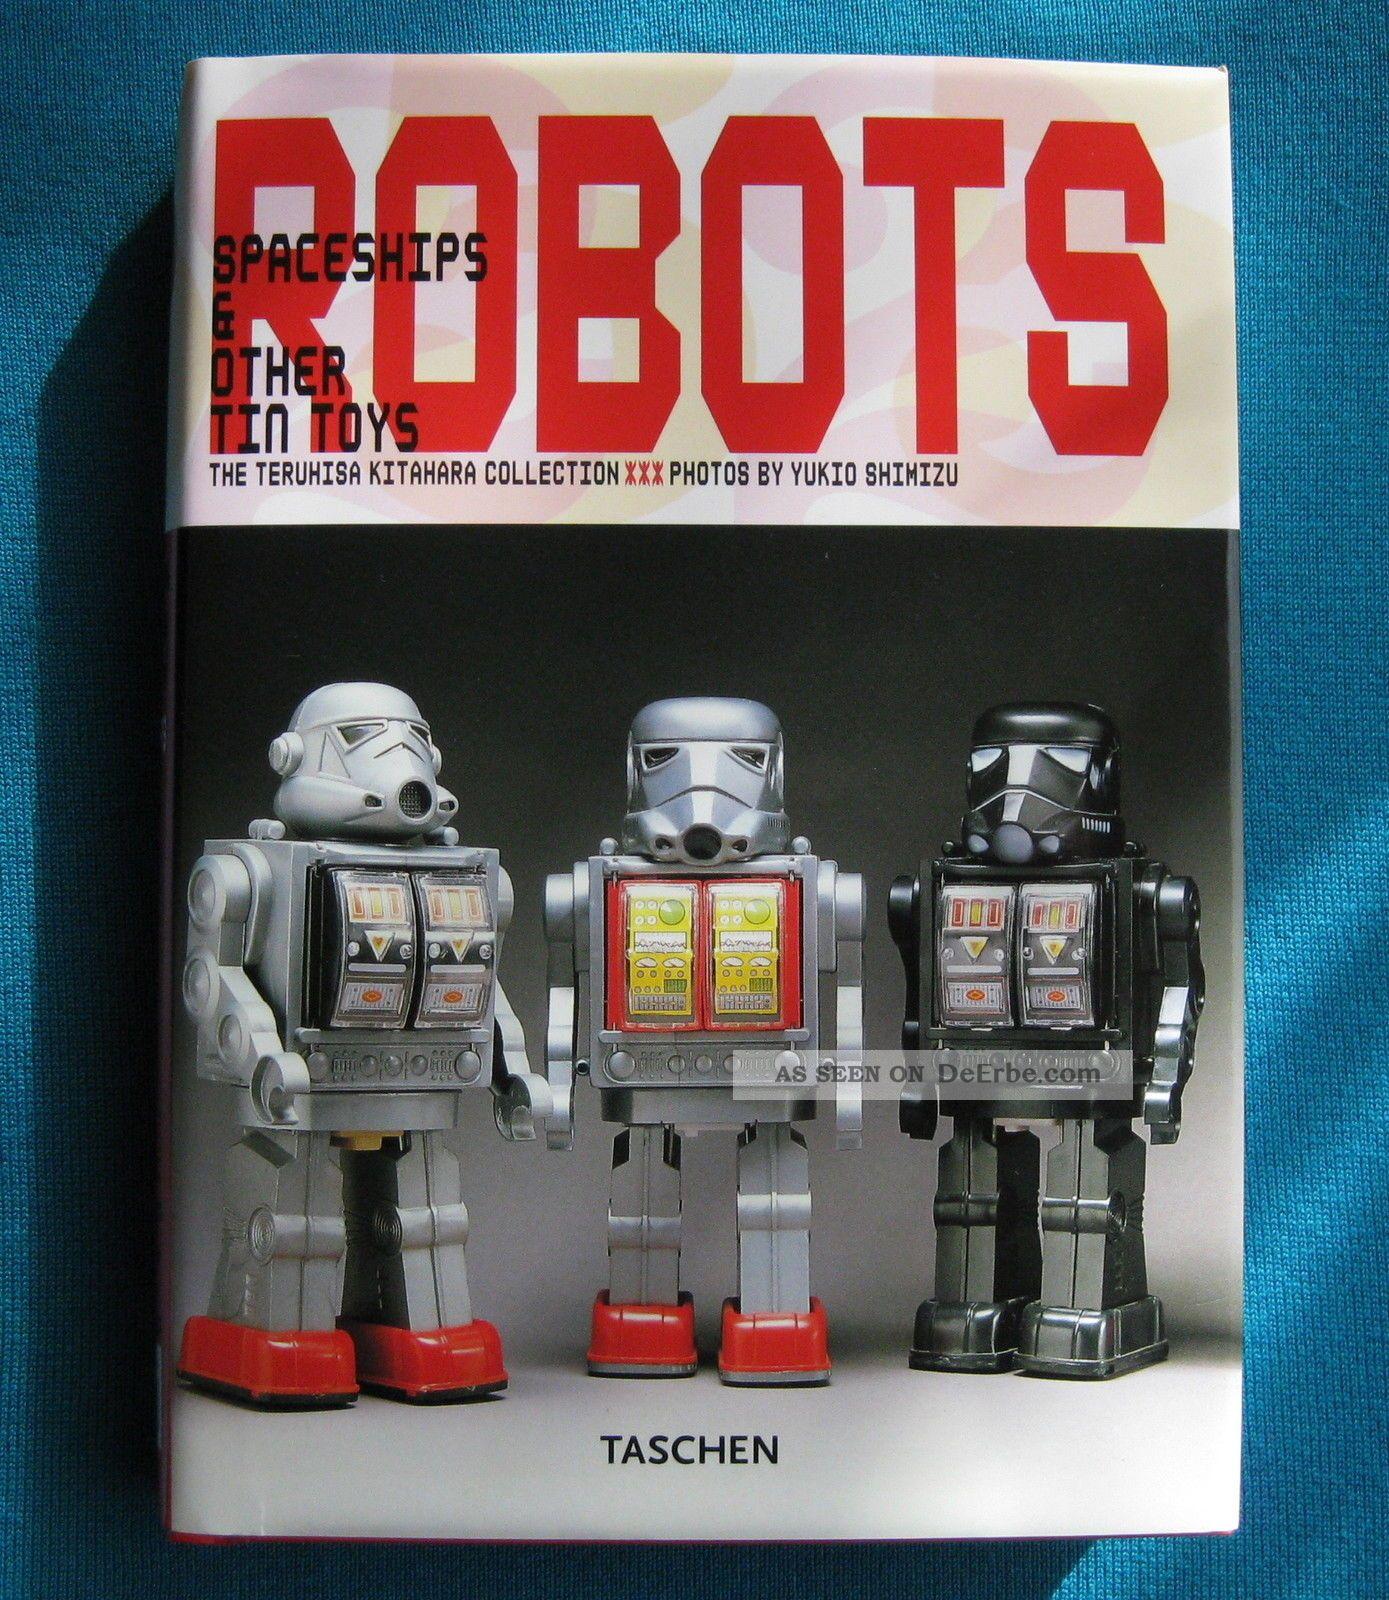 Robots & Spaceships Roboter Die Kitahara Sammlung JubilÄums Edition Original, gefertigt 1945-1970 Bild